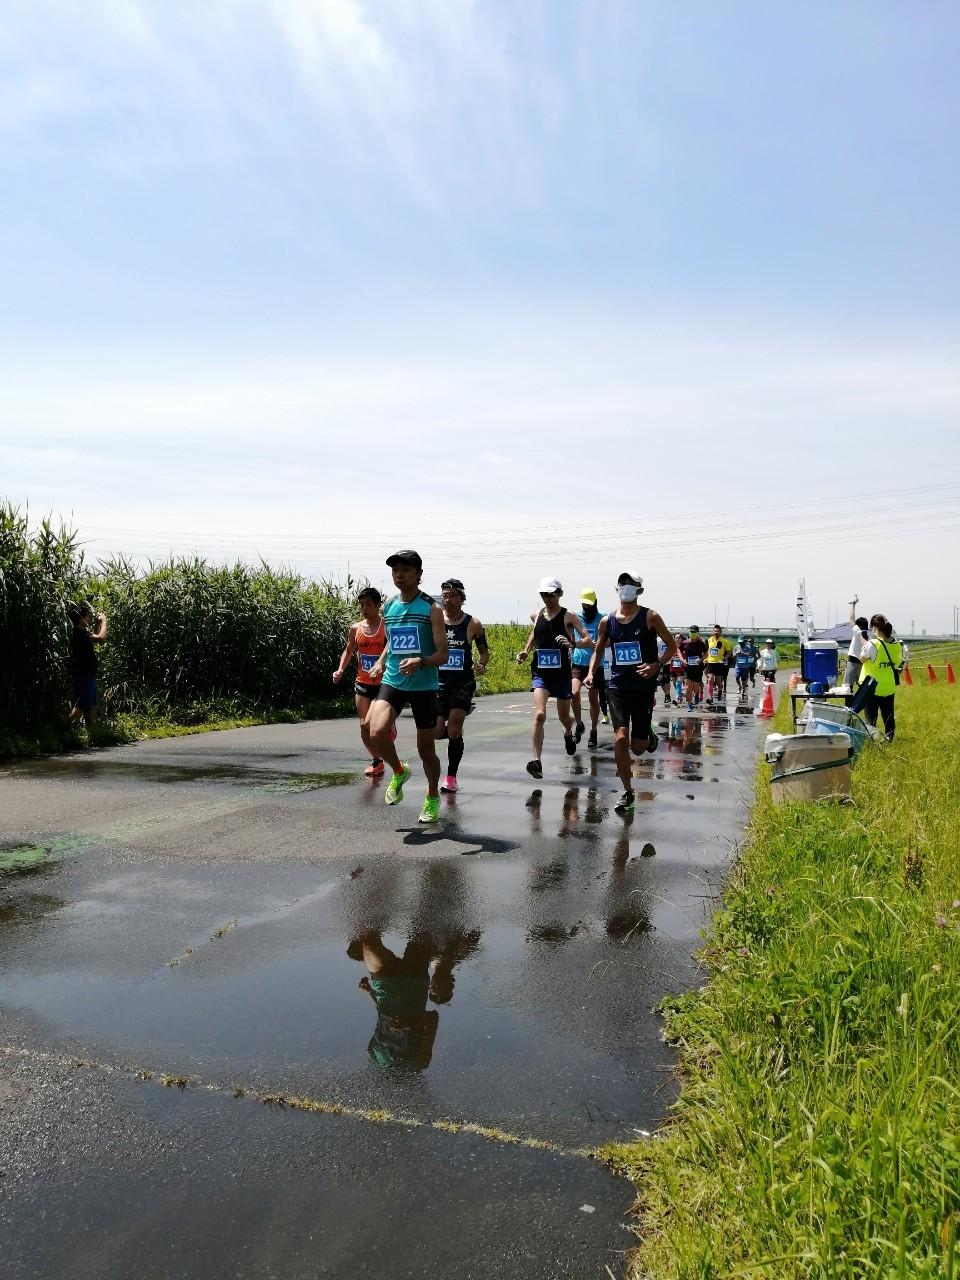 [RUN・東京]第24回荒川スマイルマラソン 20.09.05 sat.